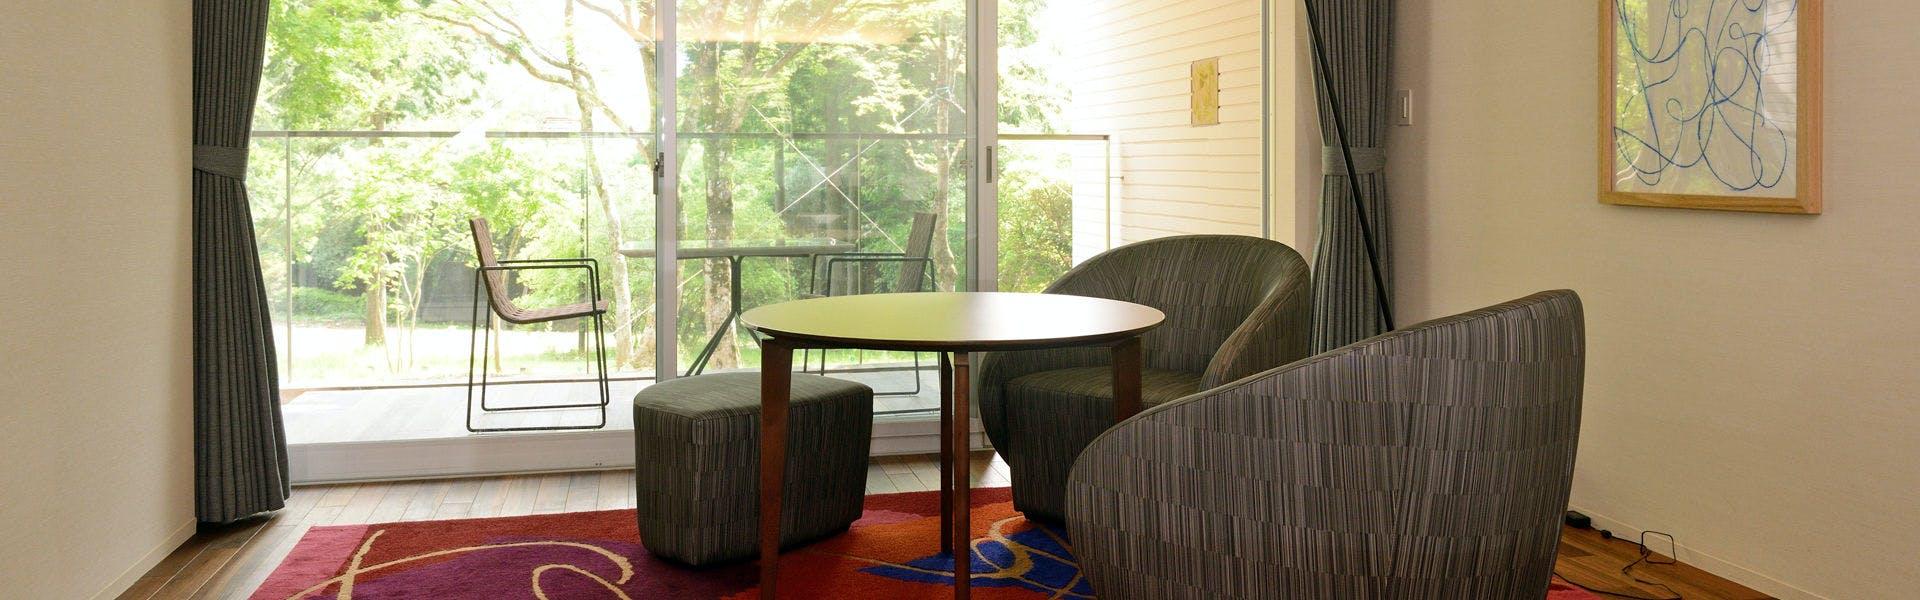 記念日におすすめのホテル・小田急 箱根ハイランドホテルの写真2